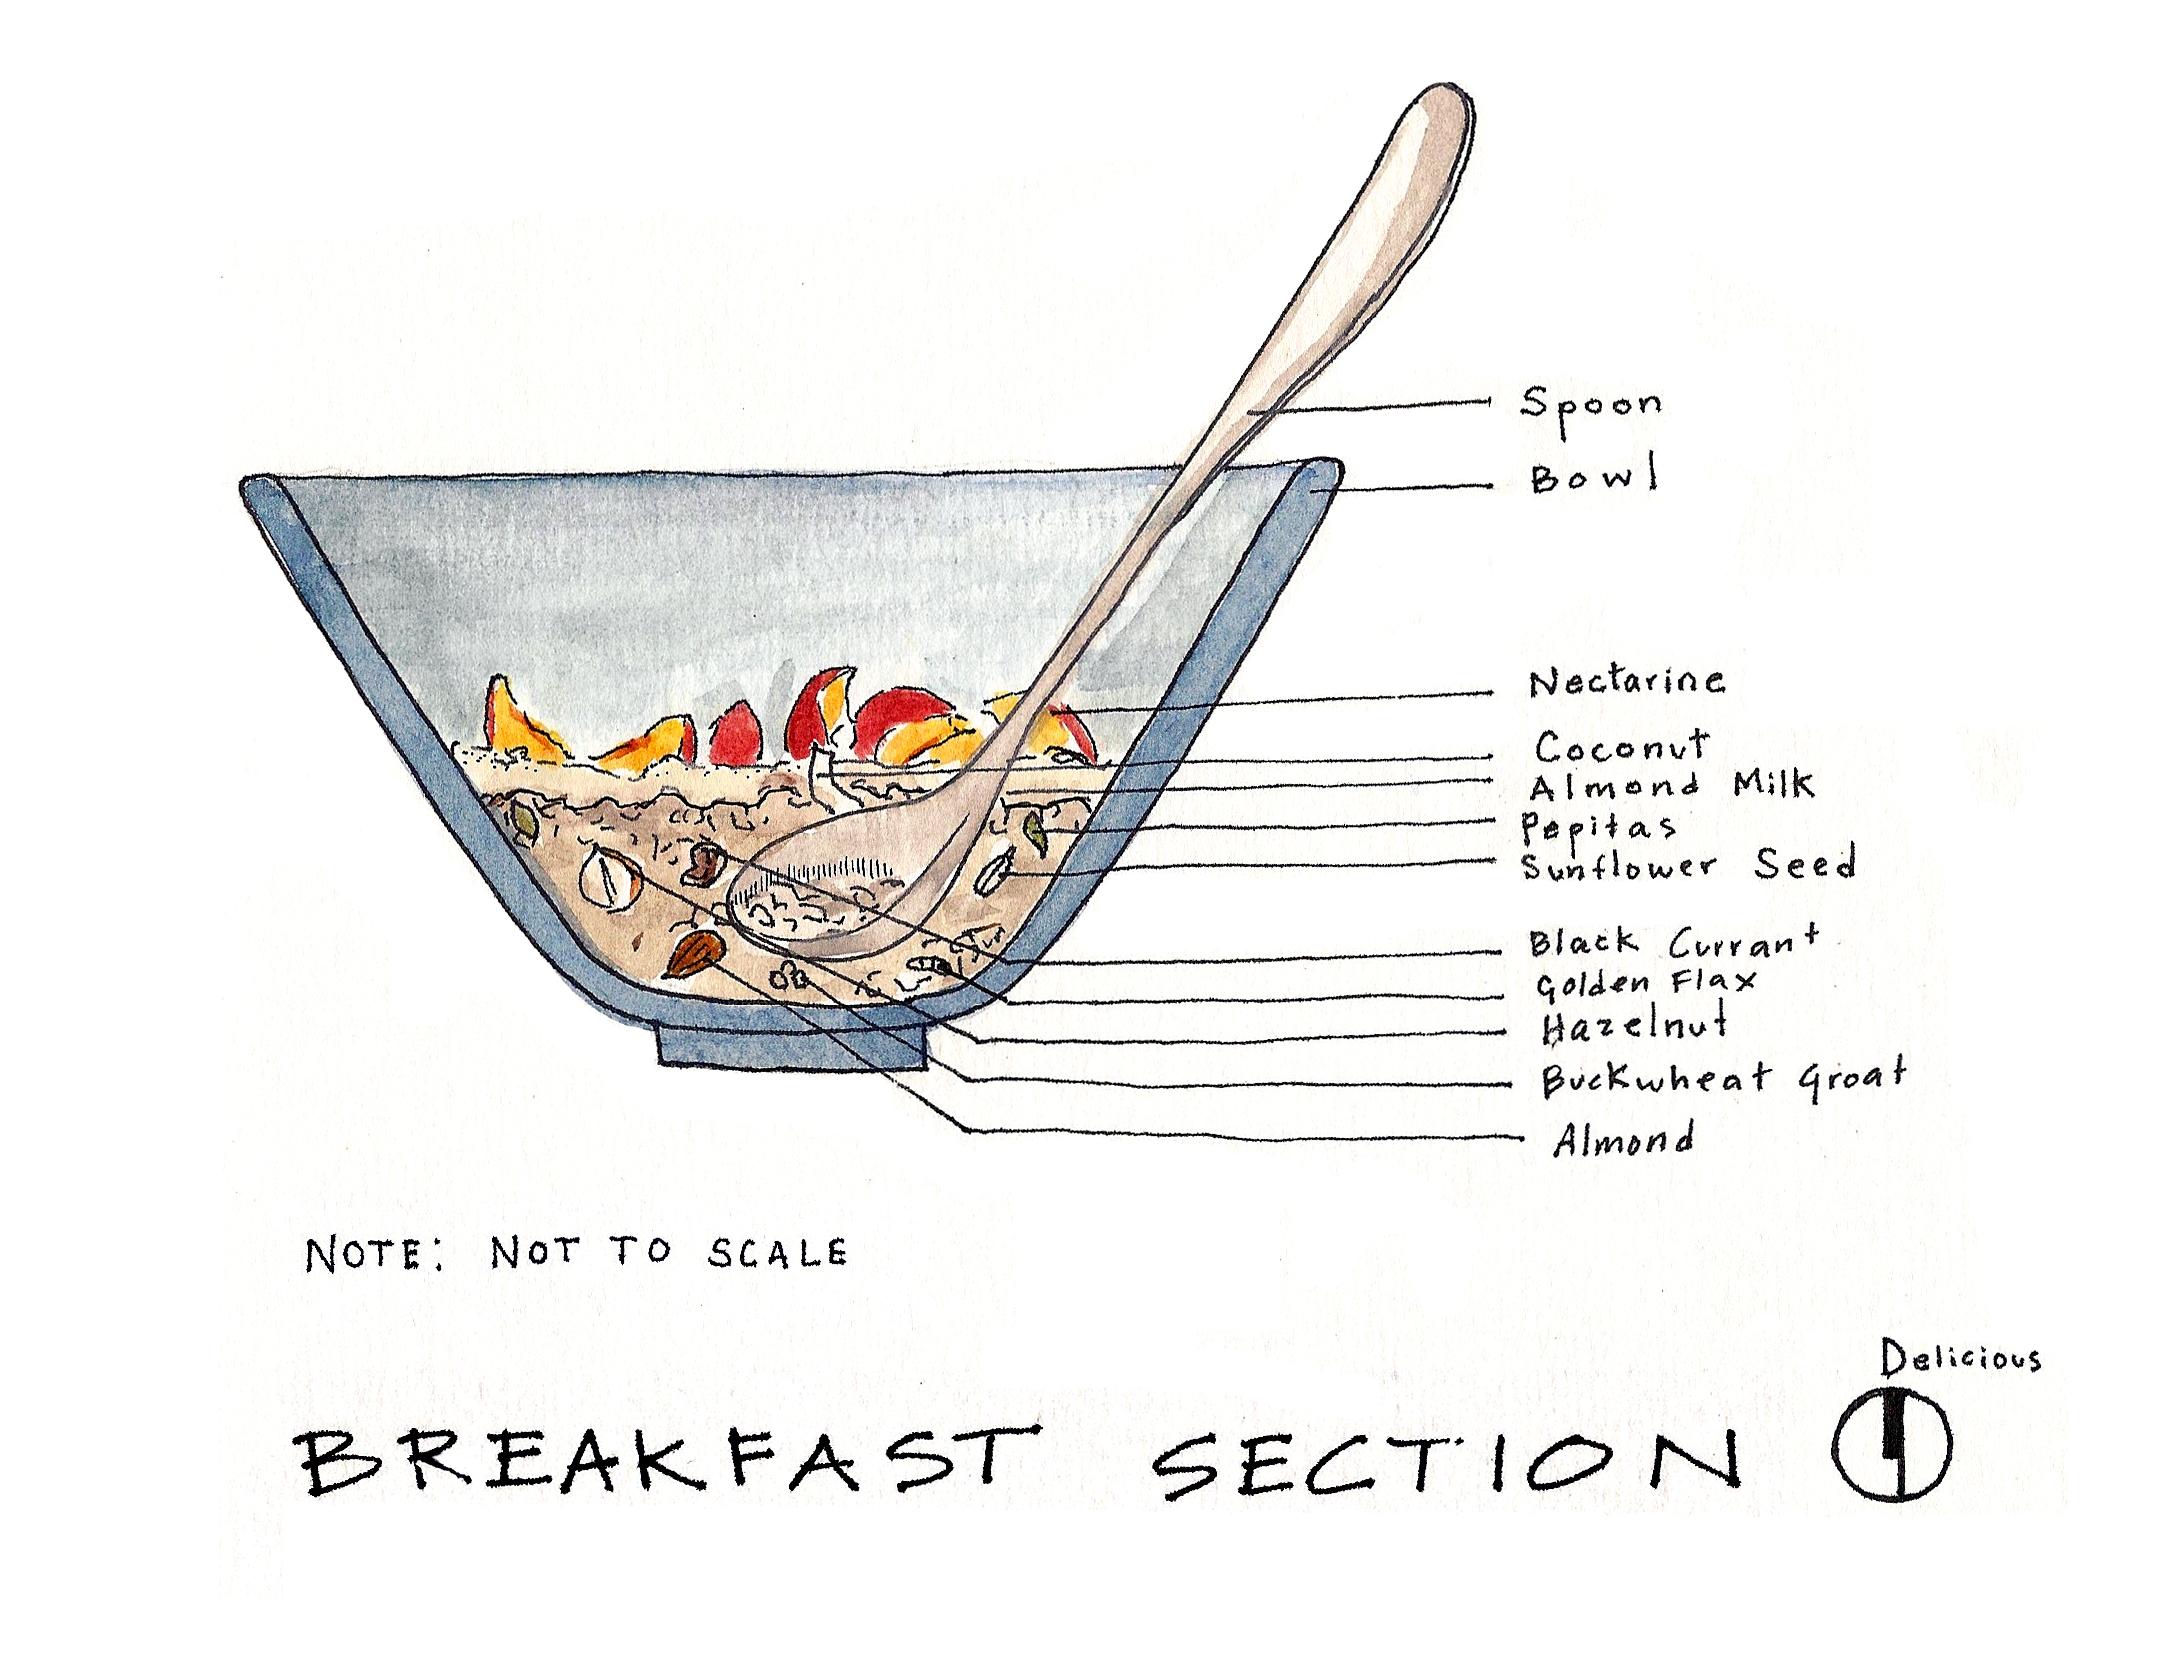 breakfast section.jpg